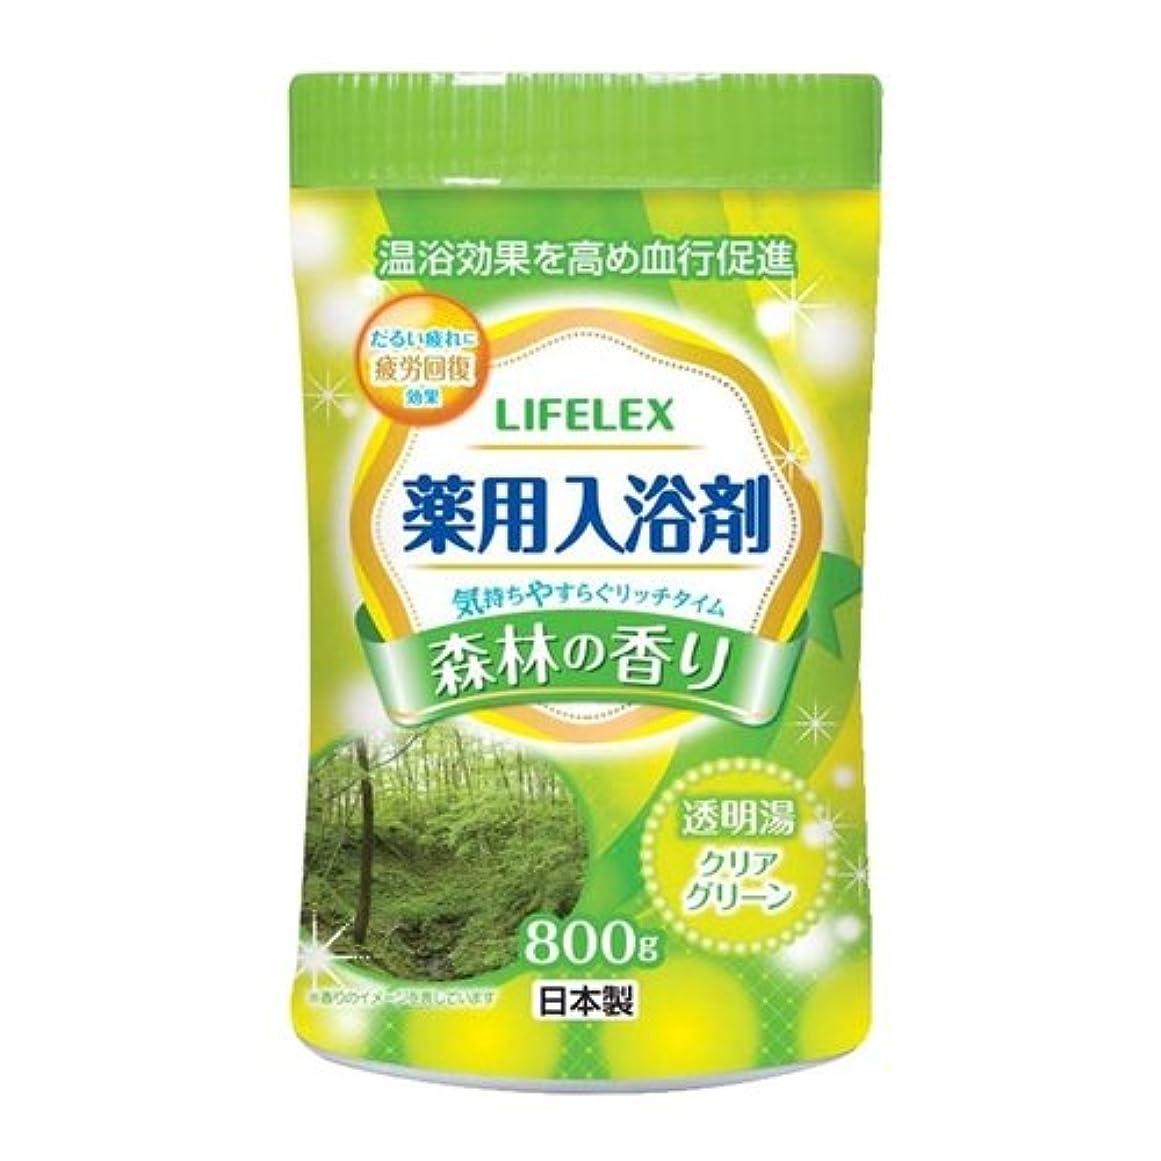 プラグ長老考えるコーナンオリジナル 薬用入浴剤 森林の香り 800g